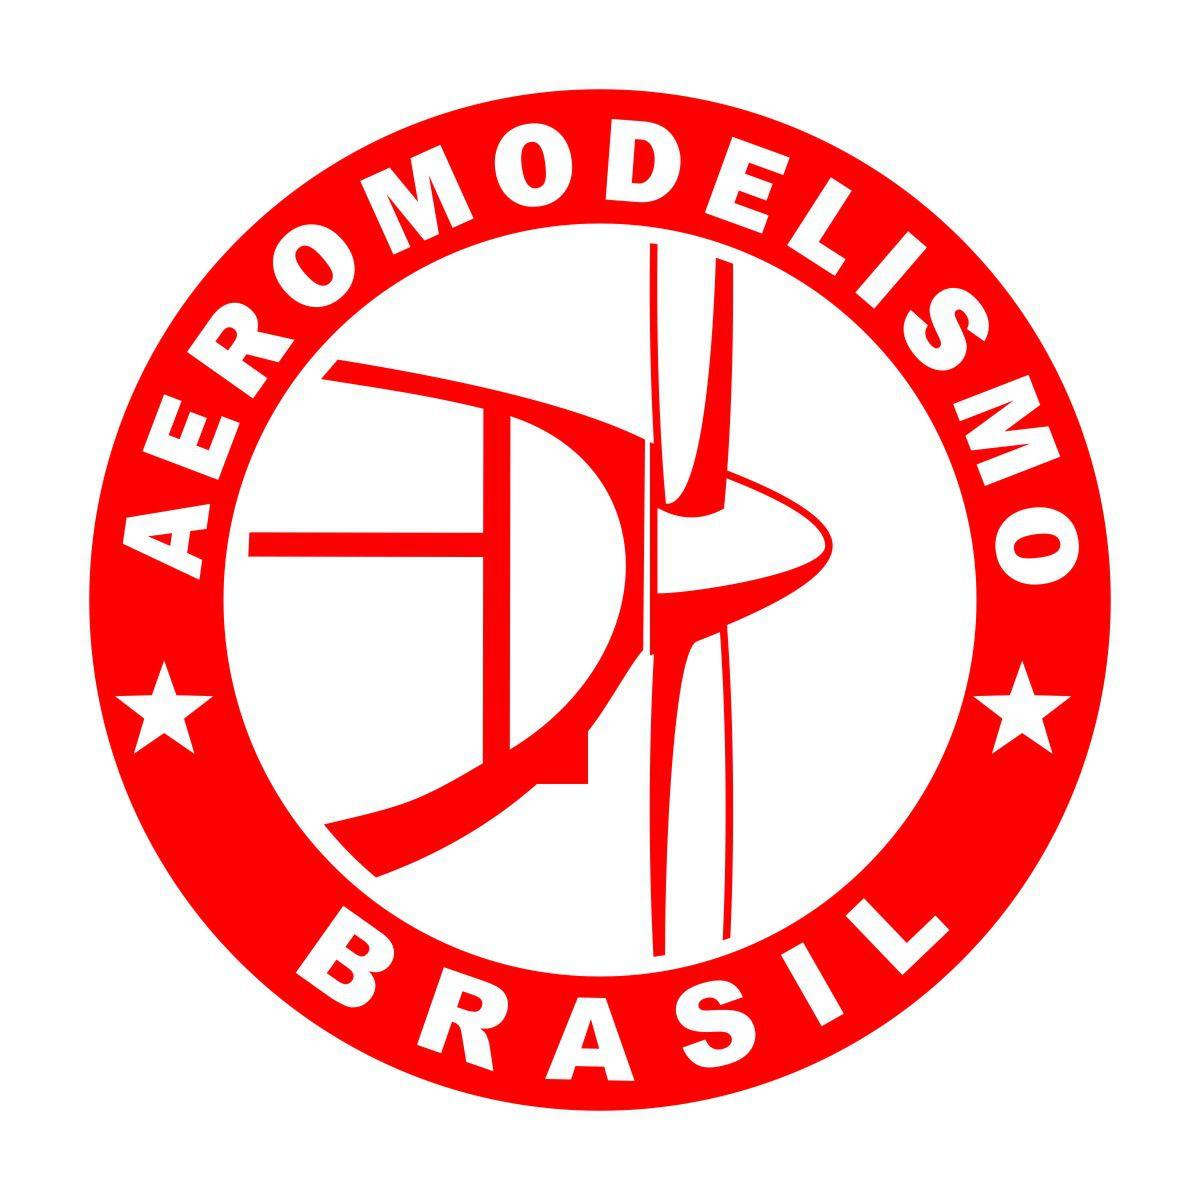 Adesivo Aeromodelismo Brasil